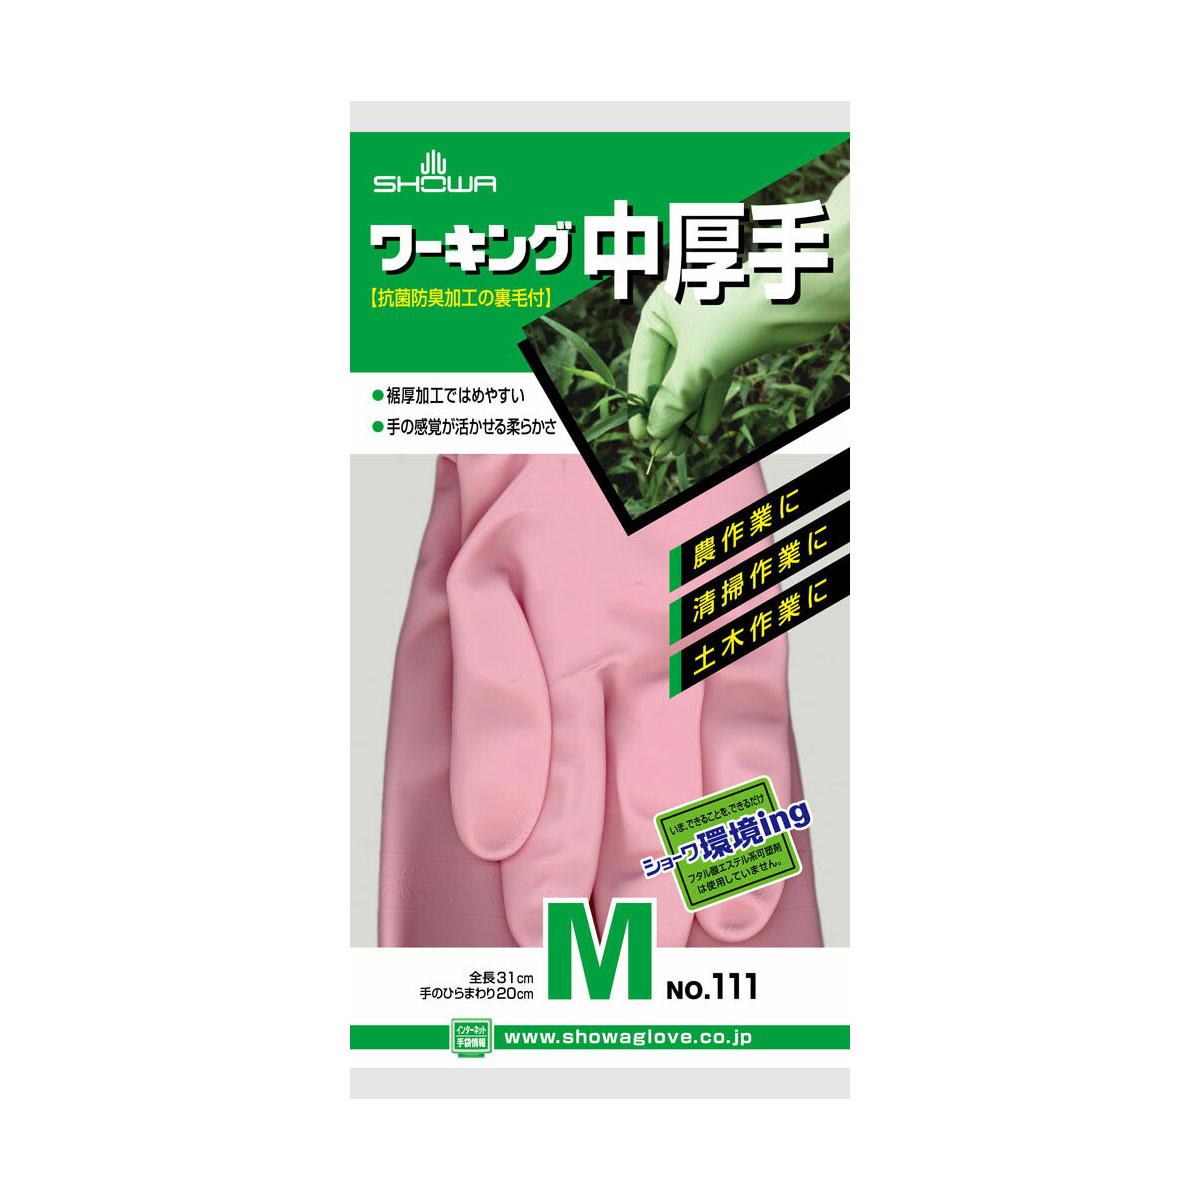 【送料無料】 ショーワ SHOWA #111 ワーキング中厚手 M P×120個セット (4901792011334)